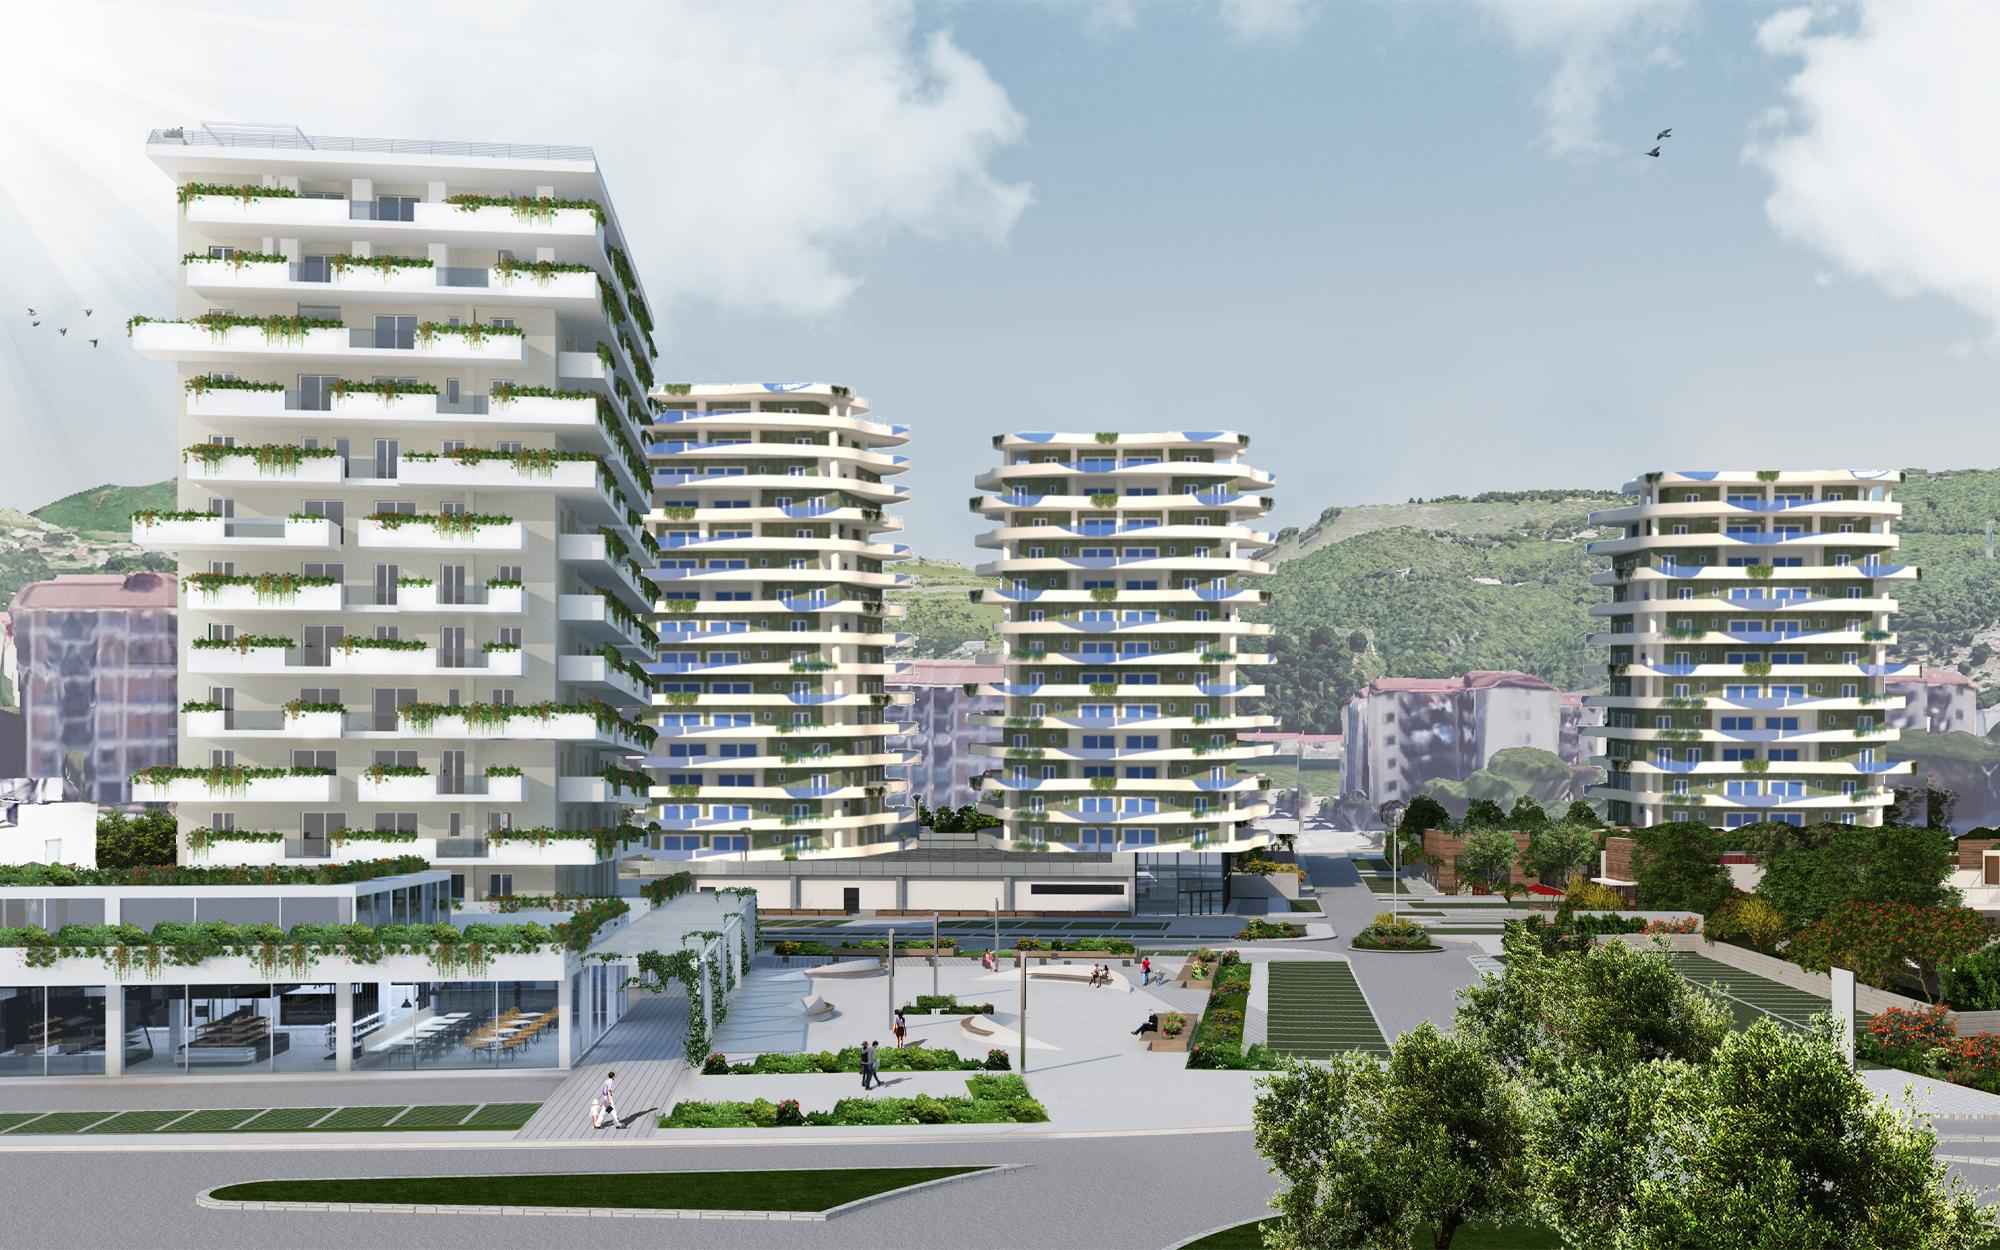 milara-srl-gruppo-postiglione-societa-di-costruzioni-e-vendita-appartamenti-immobili-residenziali-commerciali-cr28-torre-mare-arbostella-001